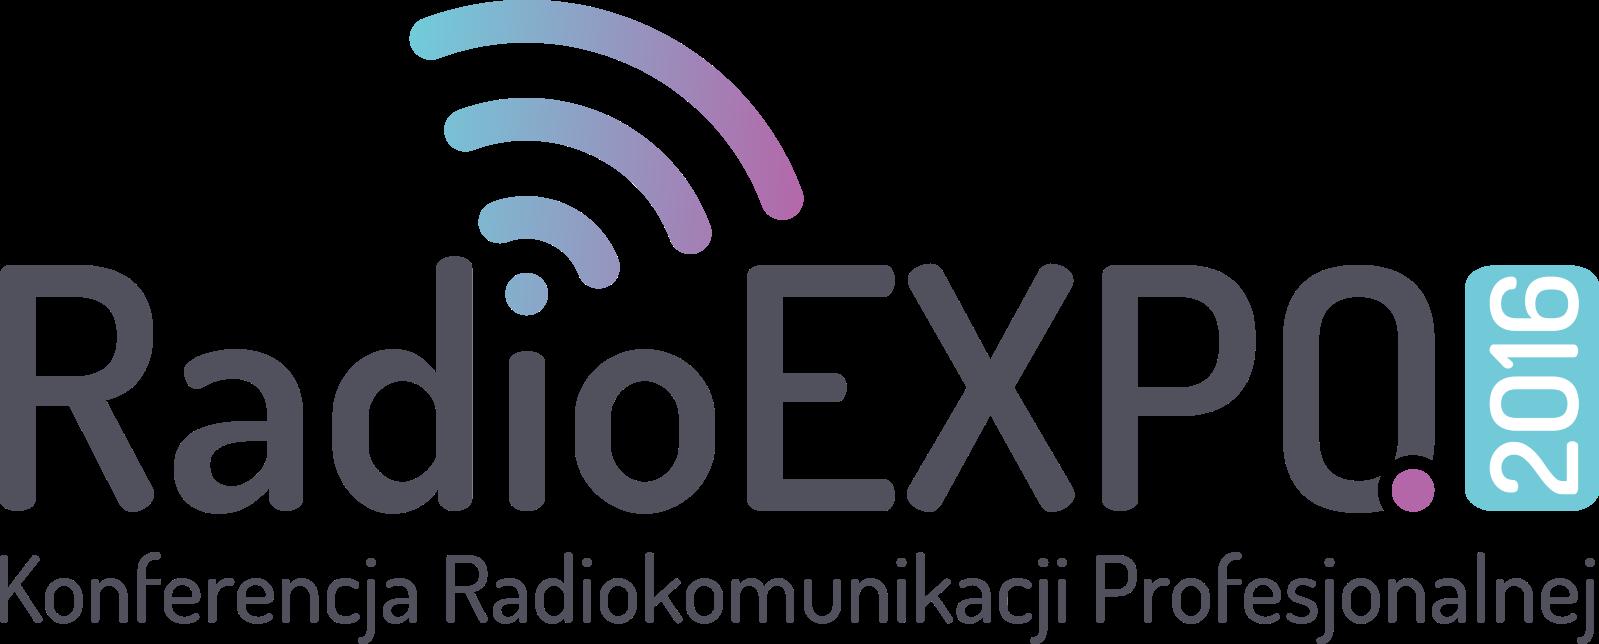 RadioEXPO-2016-konferencja-wystawa